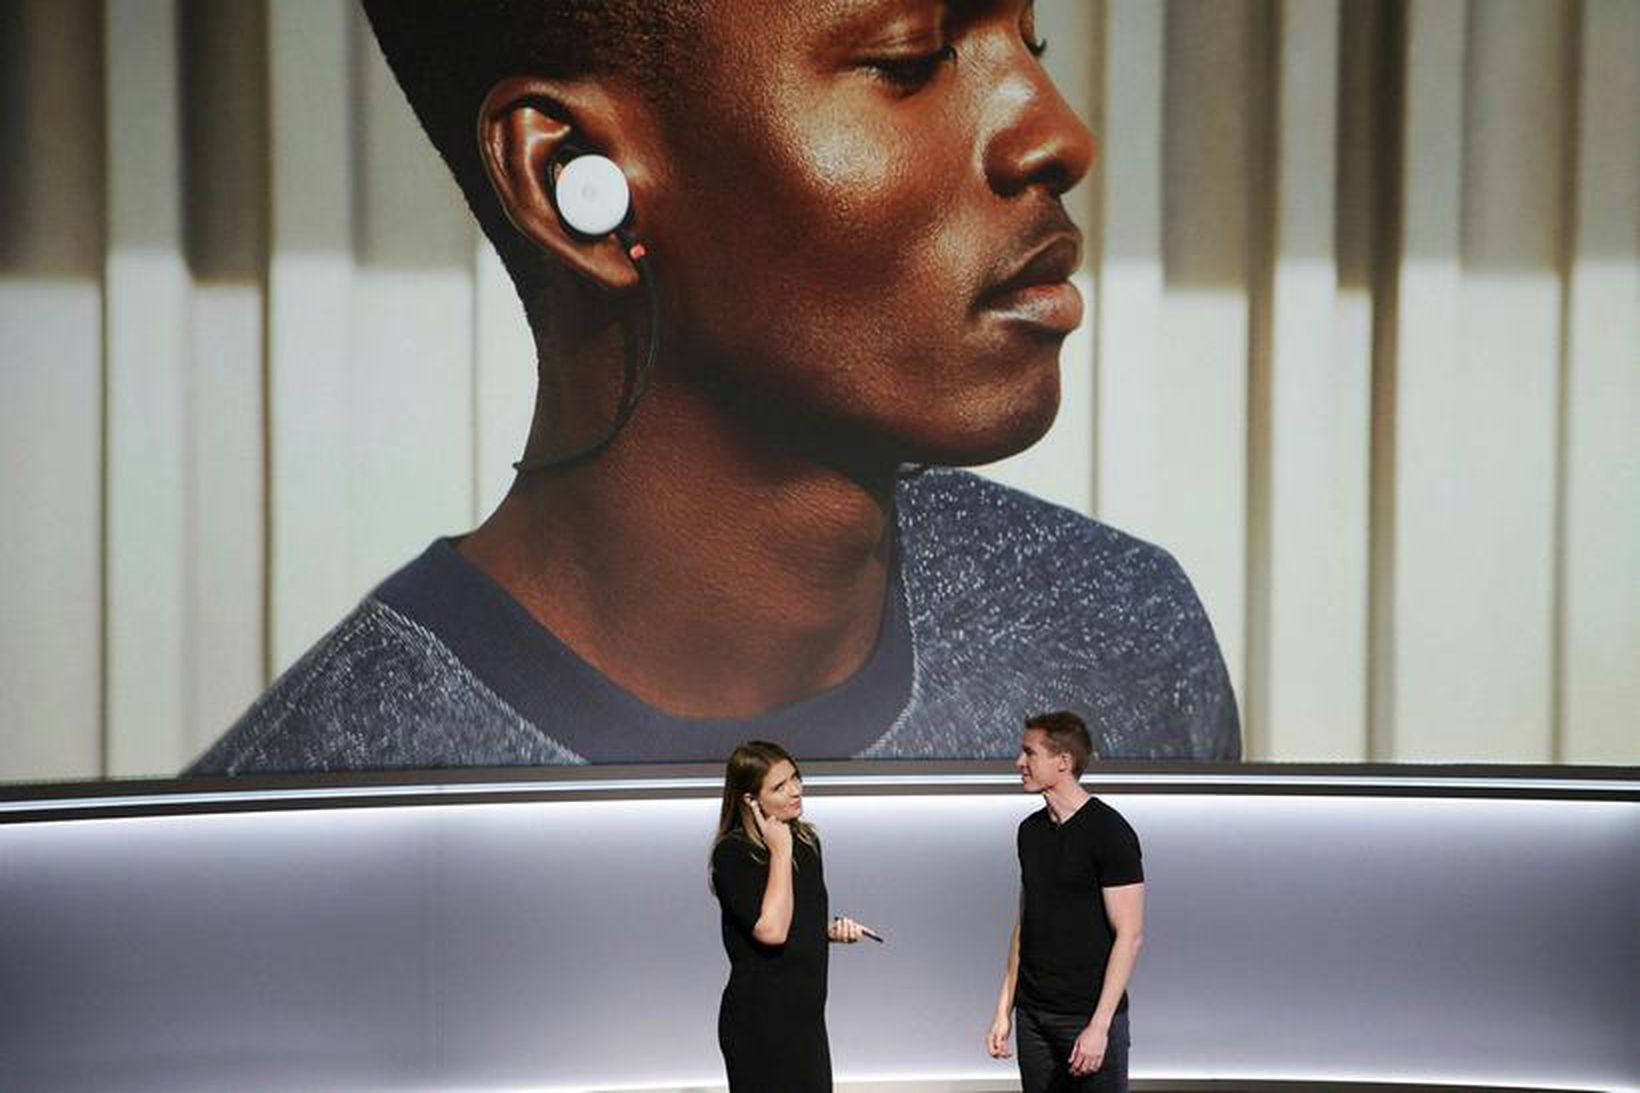 Starfsmenn Google tala saman á ensku og sænsku á fundinum …